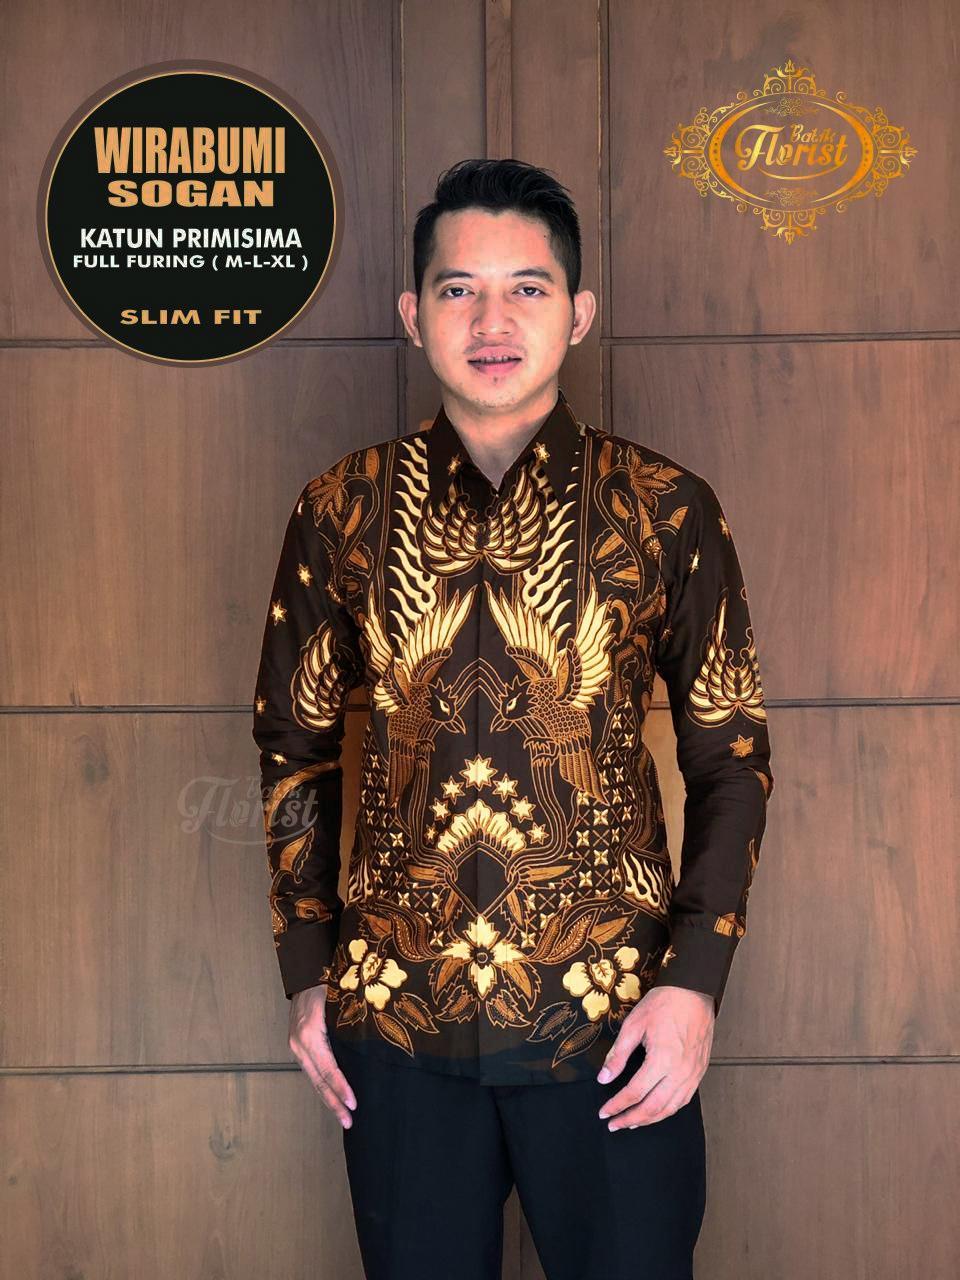 Kemeja Batik Wirabumi Sogan Lengan Panjang Slim Fit  Hem Batik